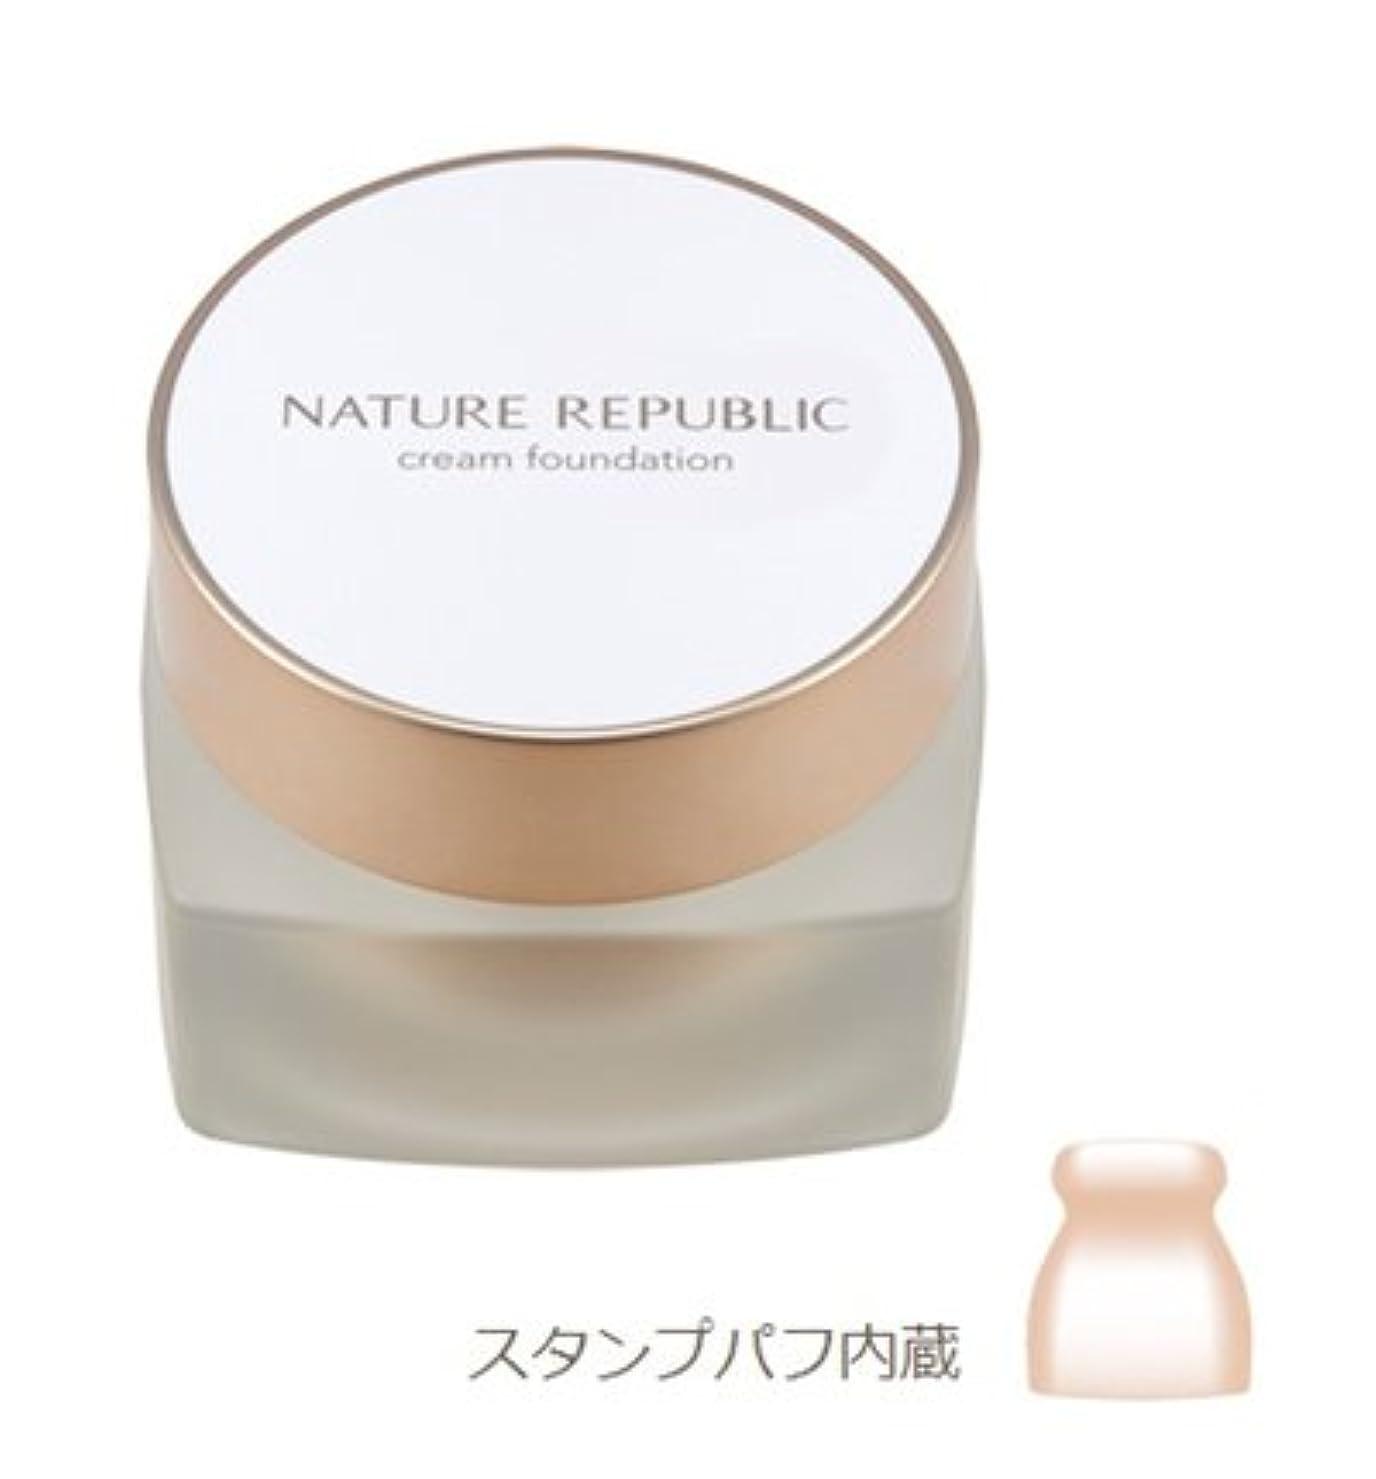 ピン殺します守銭奴NATURE REPUBLIC Ginseng Royal Silk Cream Foundation (#No.2 Natural Beige) ネイチャーリパブリックジンセンロイヤルシルククリームファンデーション [...